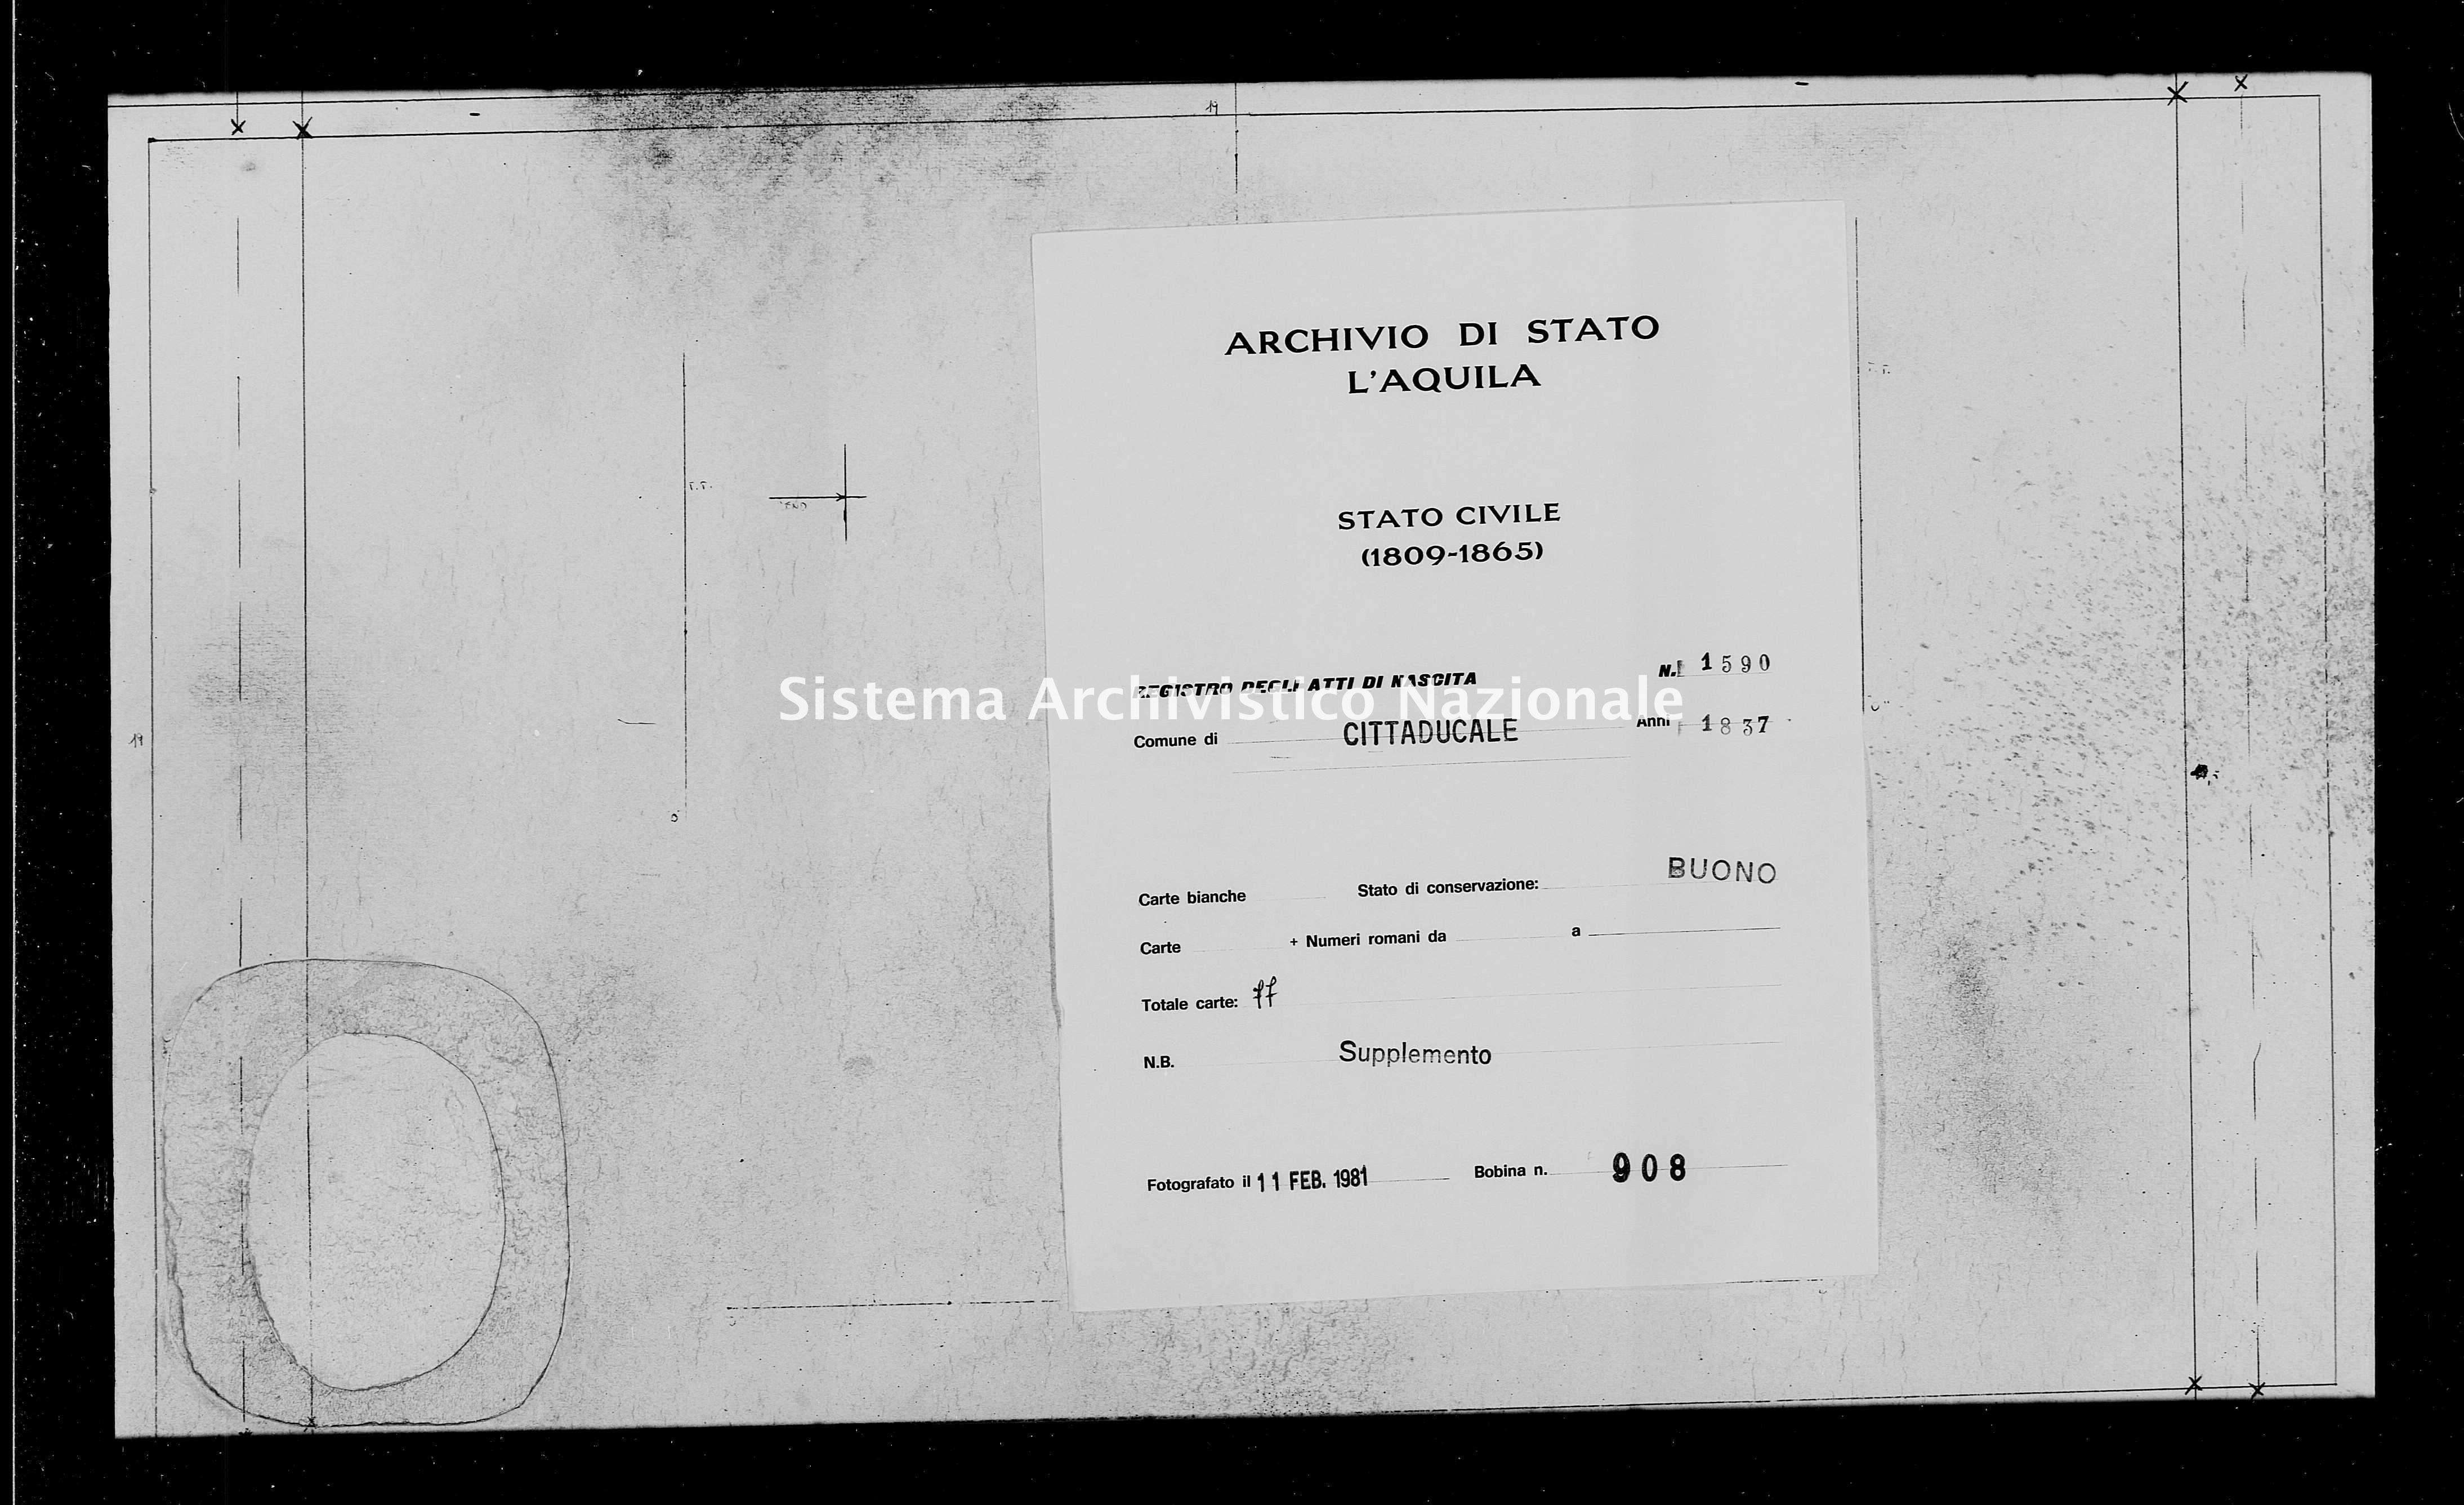 Archivio di stato di L'aquila - Stato civile della restaurazione - Cittaducale - Nati, battesimi - 1837 - 1590 -